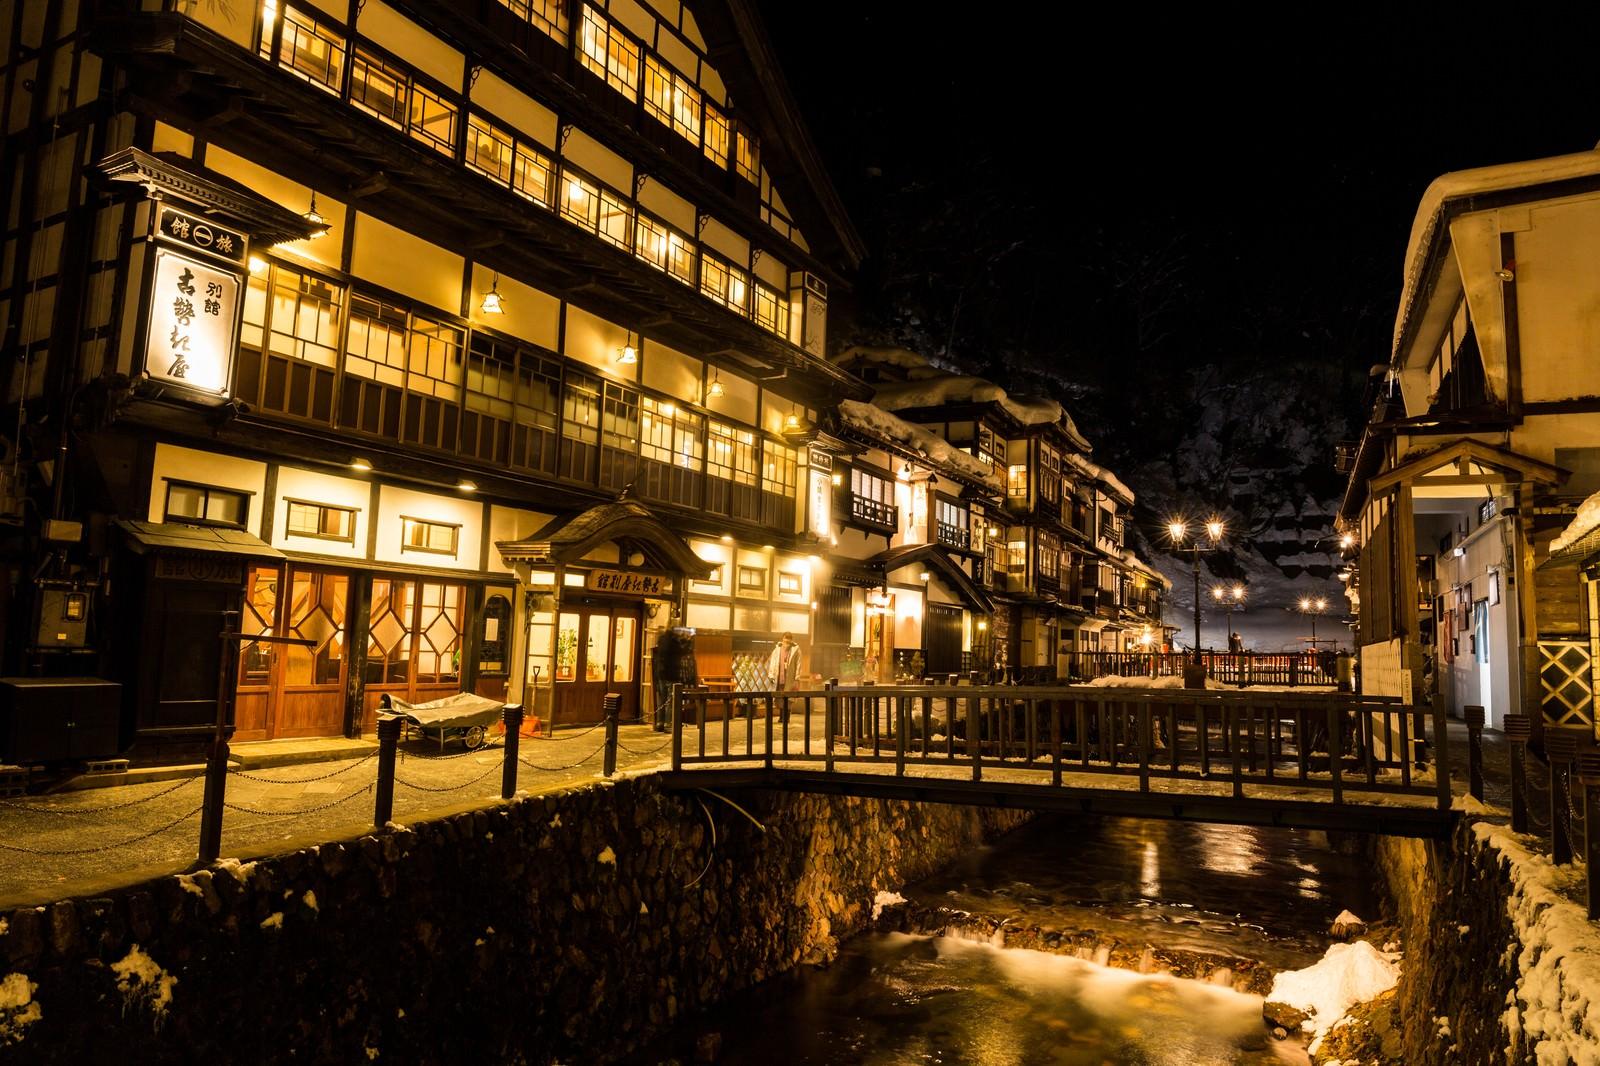 「積雪の銀山温泉街(夜間)」の写真